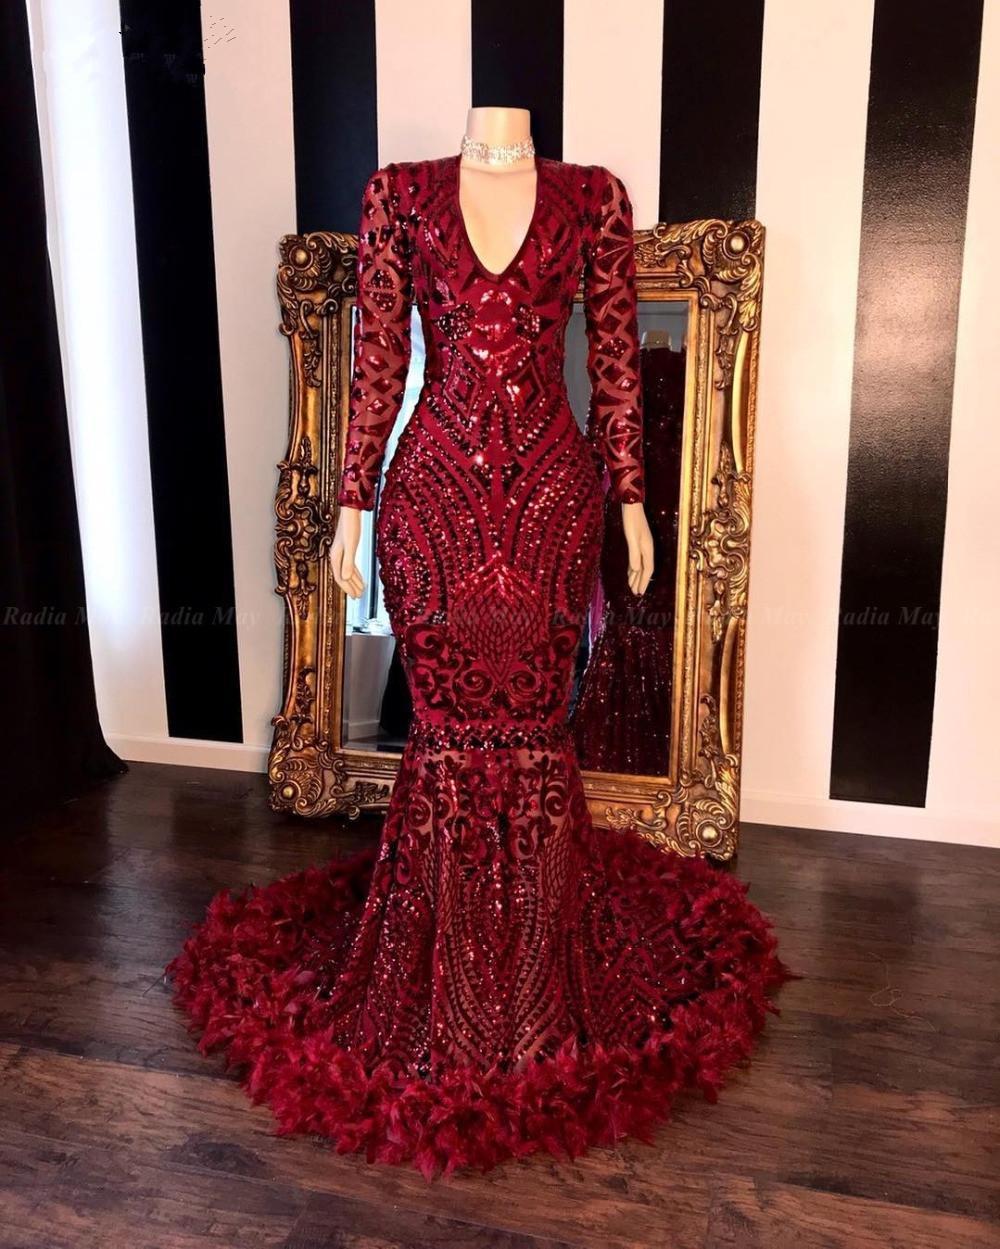 Escuras vermelho do laço de penas Sereia Prom Dresses 2020 preto Meninas V Neck mangas compridas Trem da varredura formal do partido Evening vestidos de imagem real